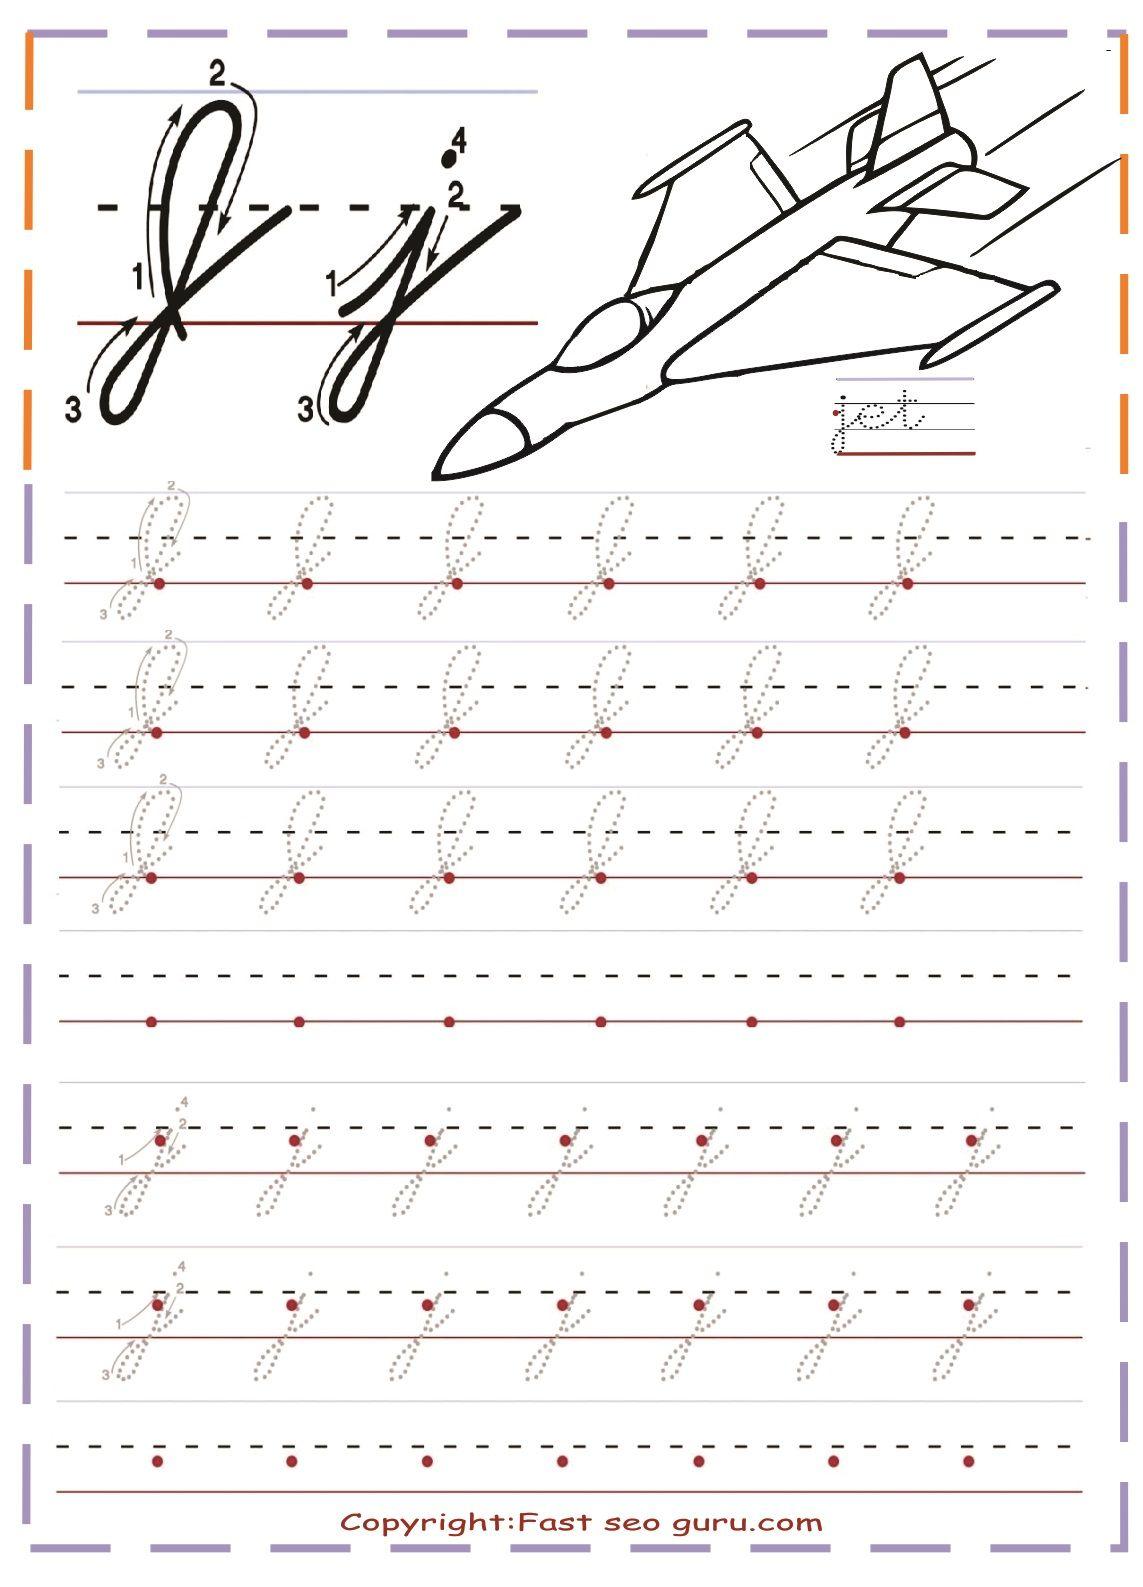 Cursive Handwriting Tracing Worksheets Letter J For Jet